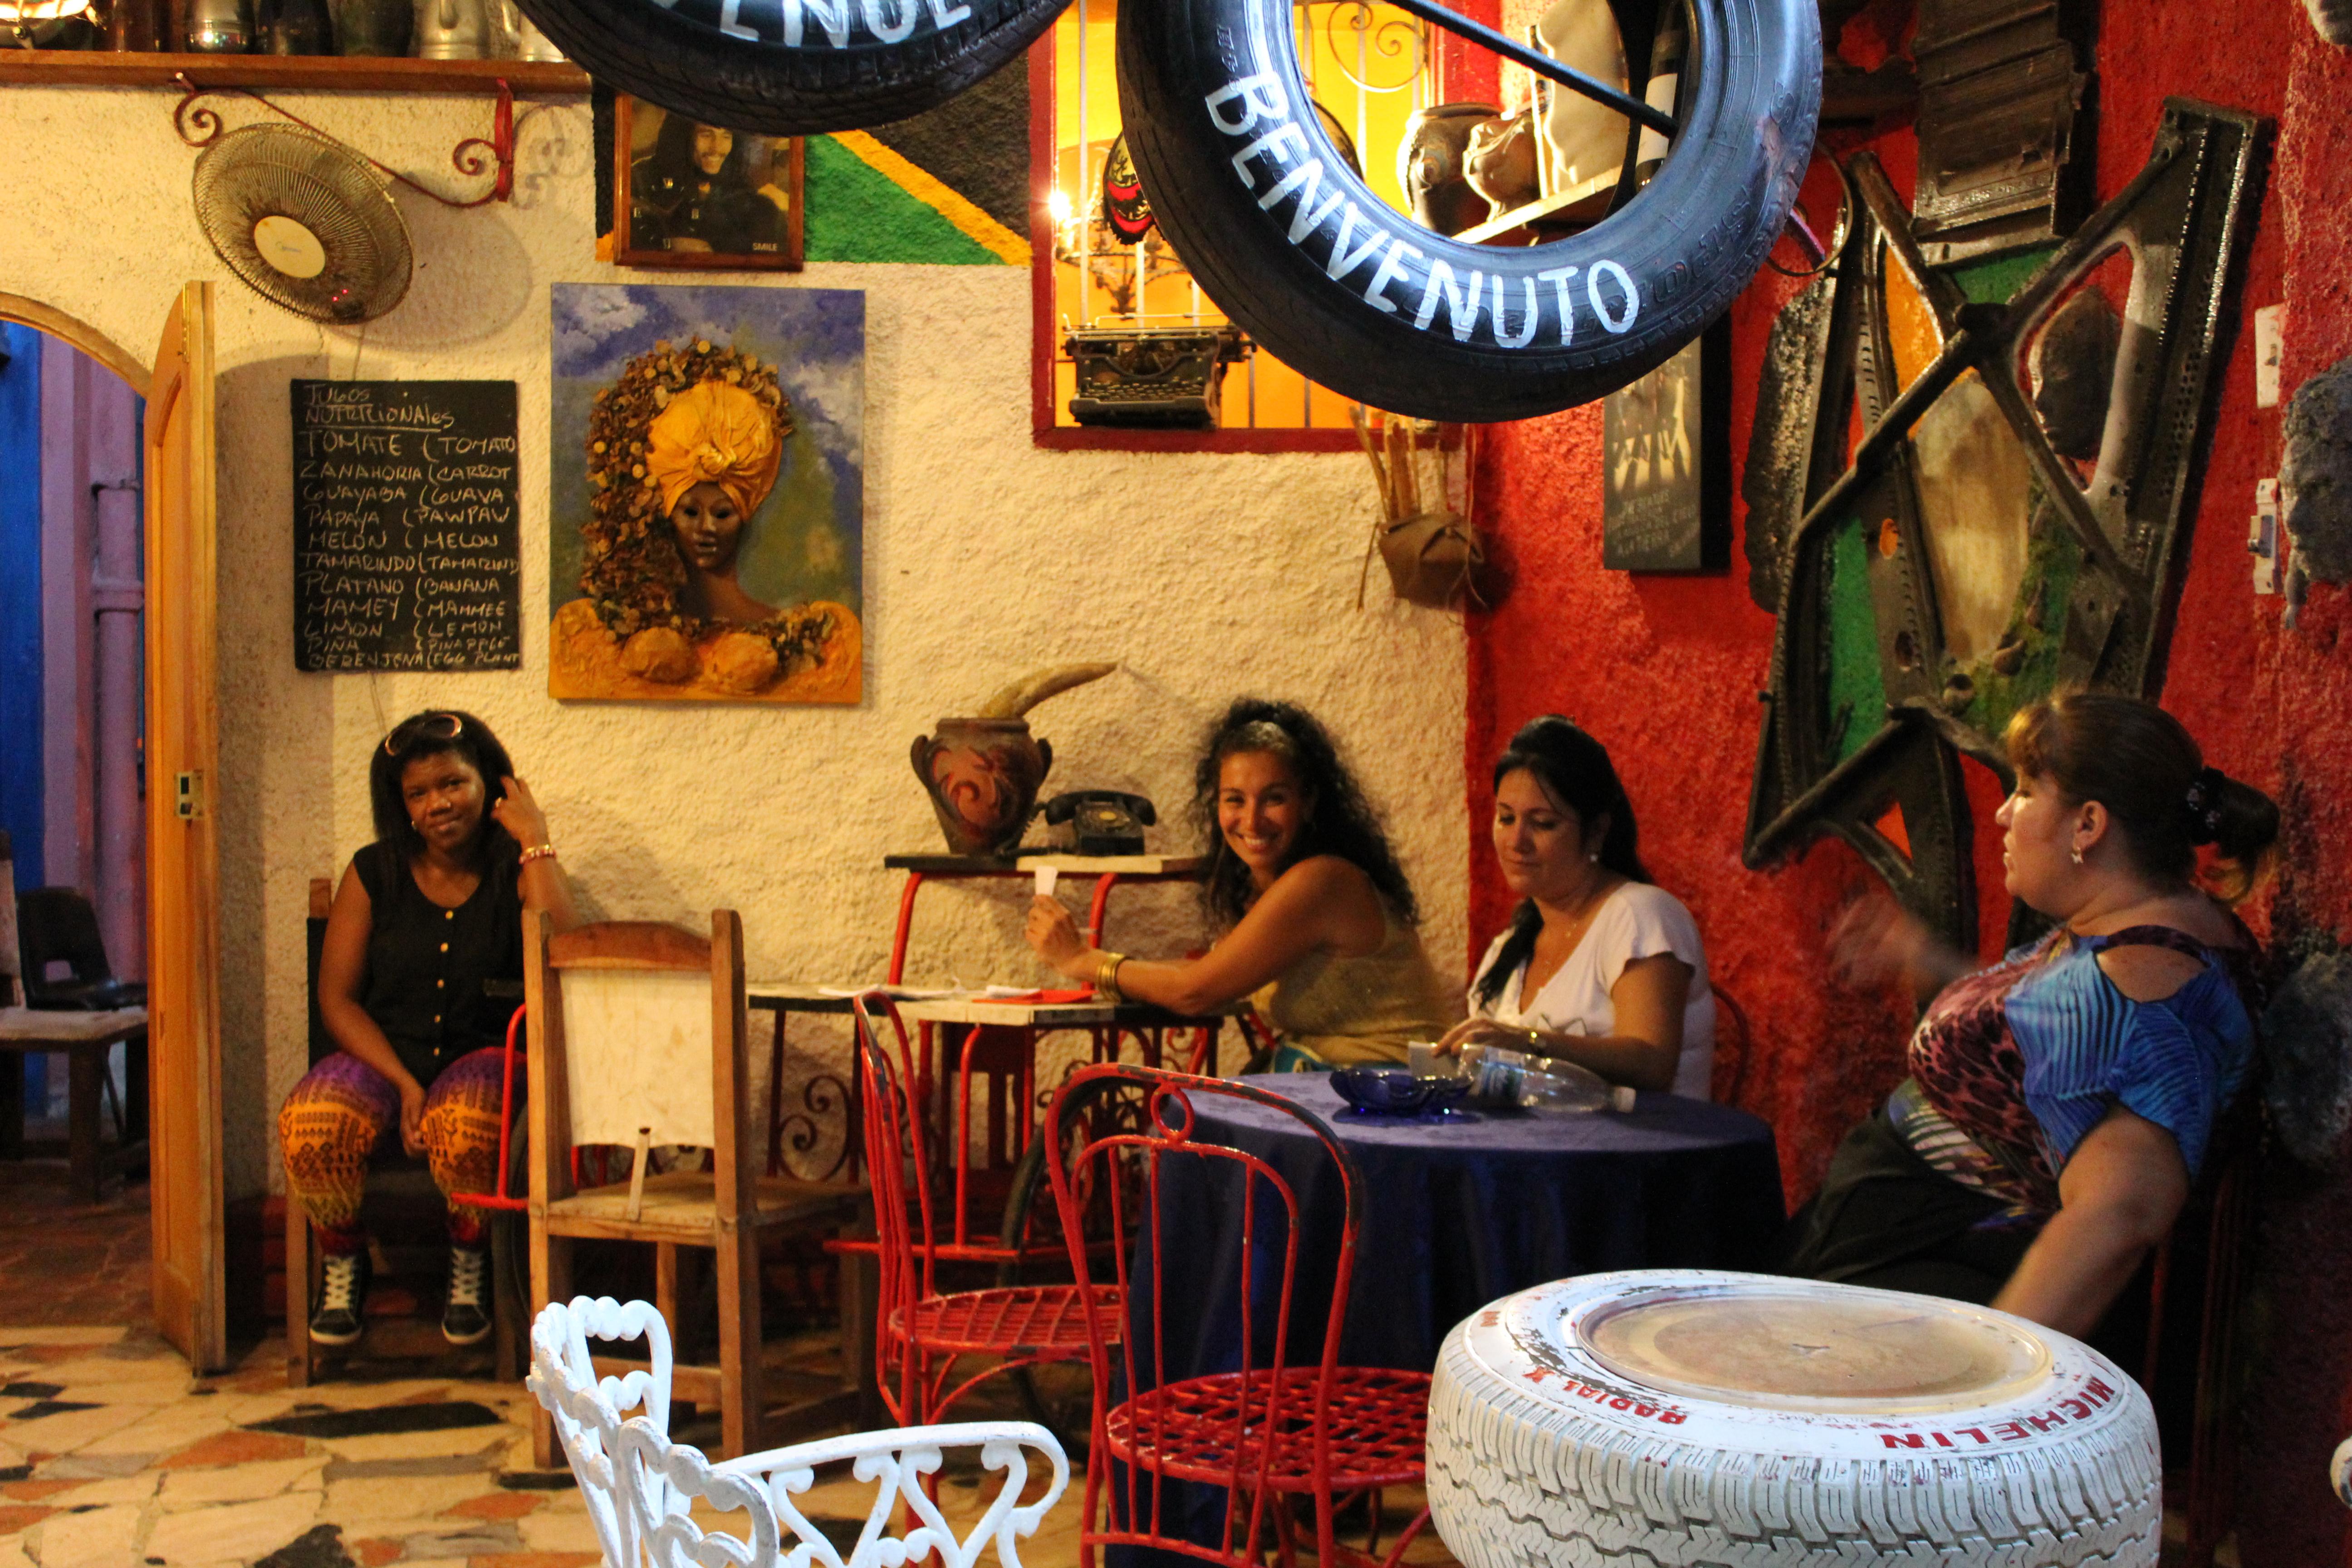 Inside a bar in Callejon Hammel.